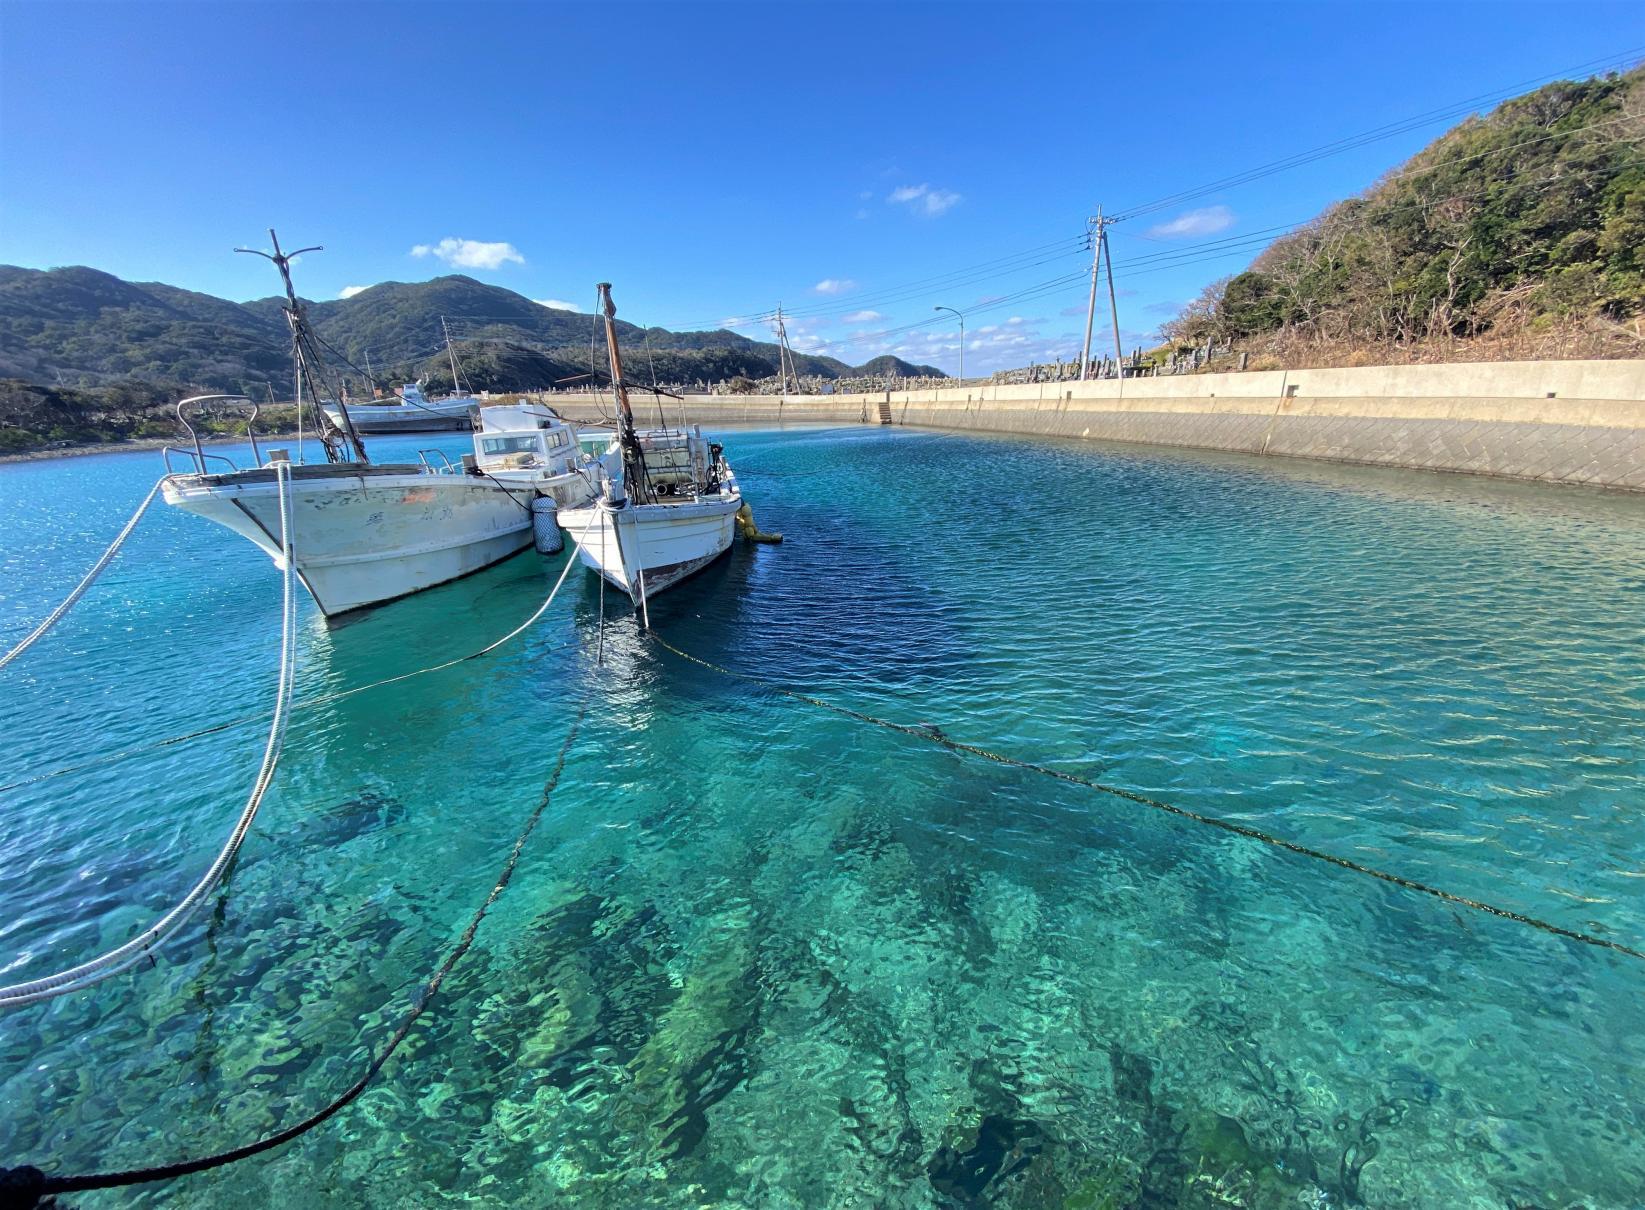 さぁ、次の休みは新上五島町へ!-0